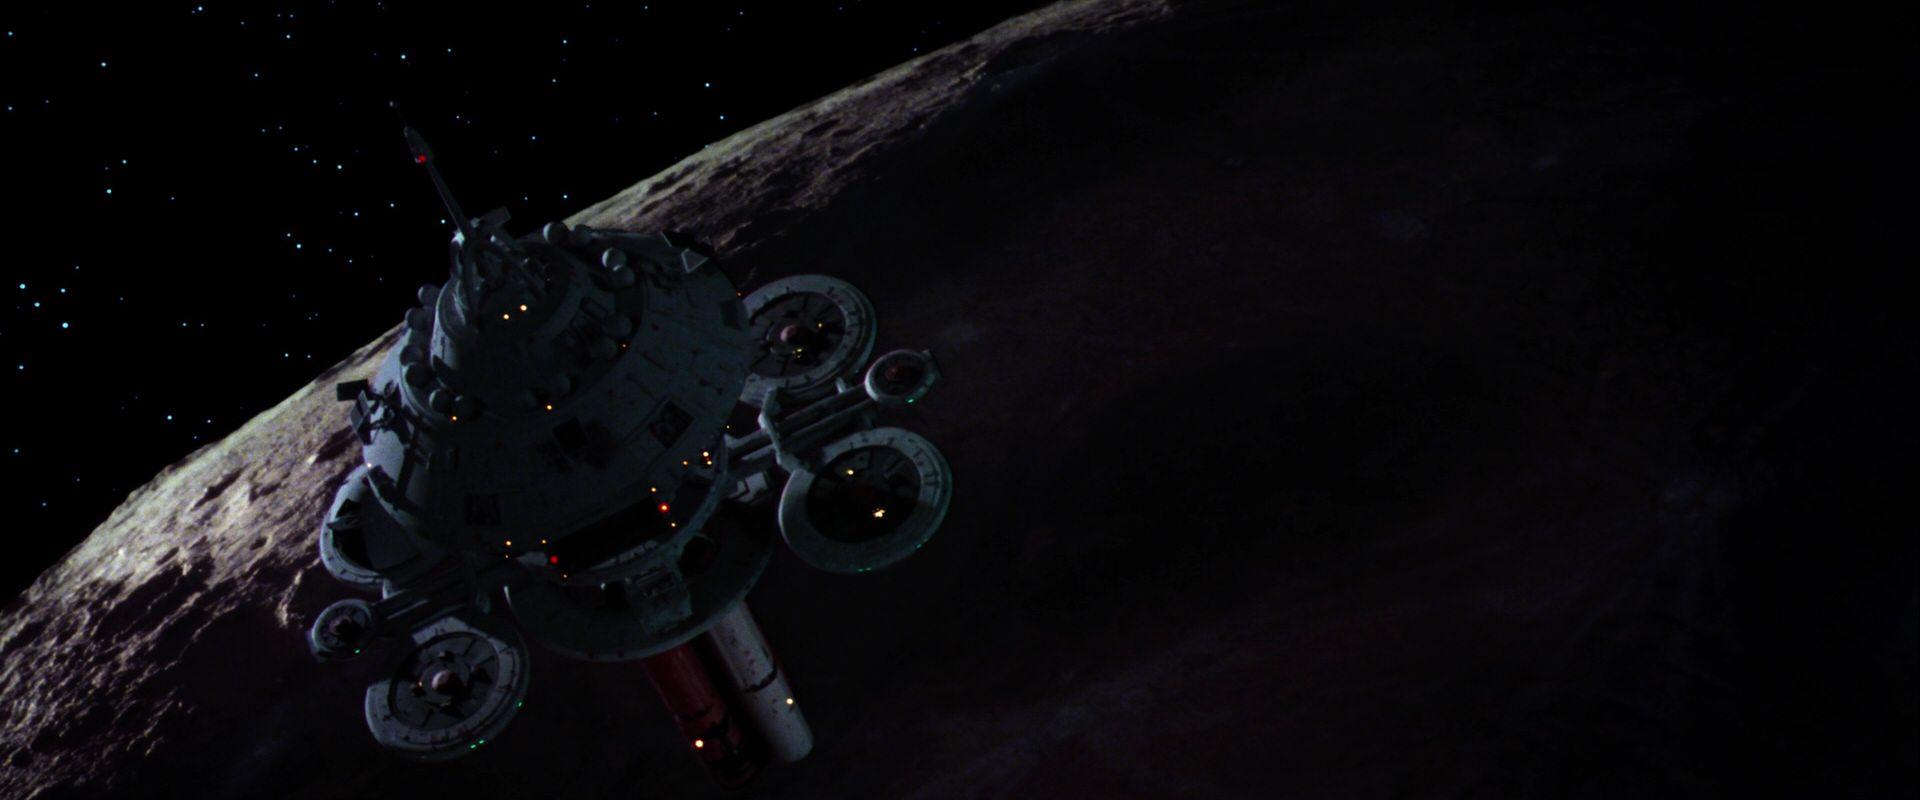 Ex Astris Scientia Redresses Of The Orbital Office Complex